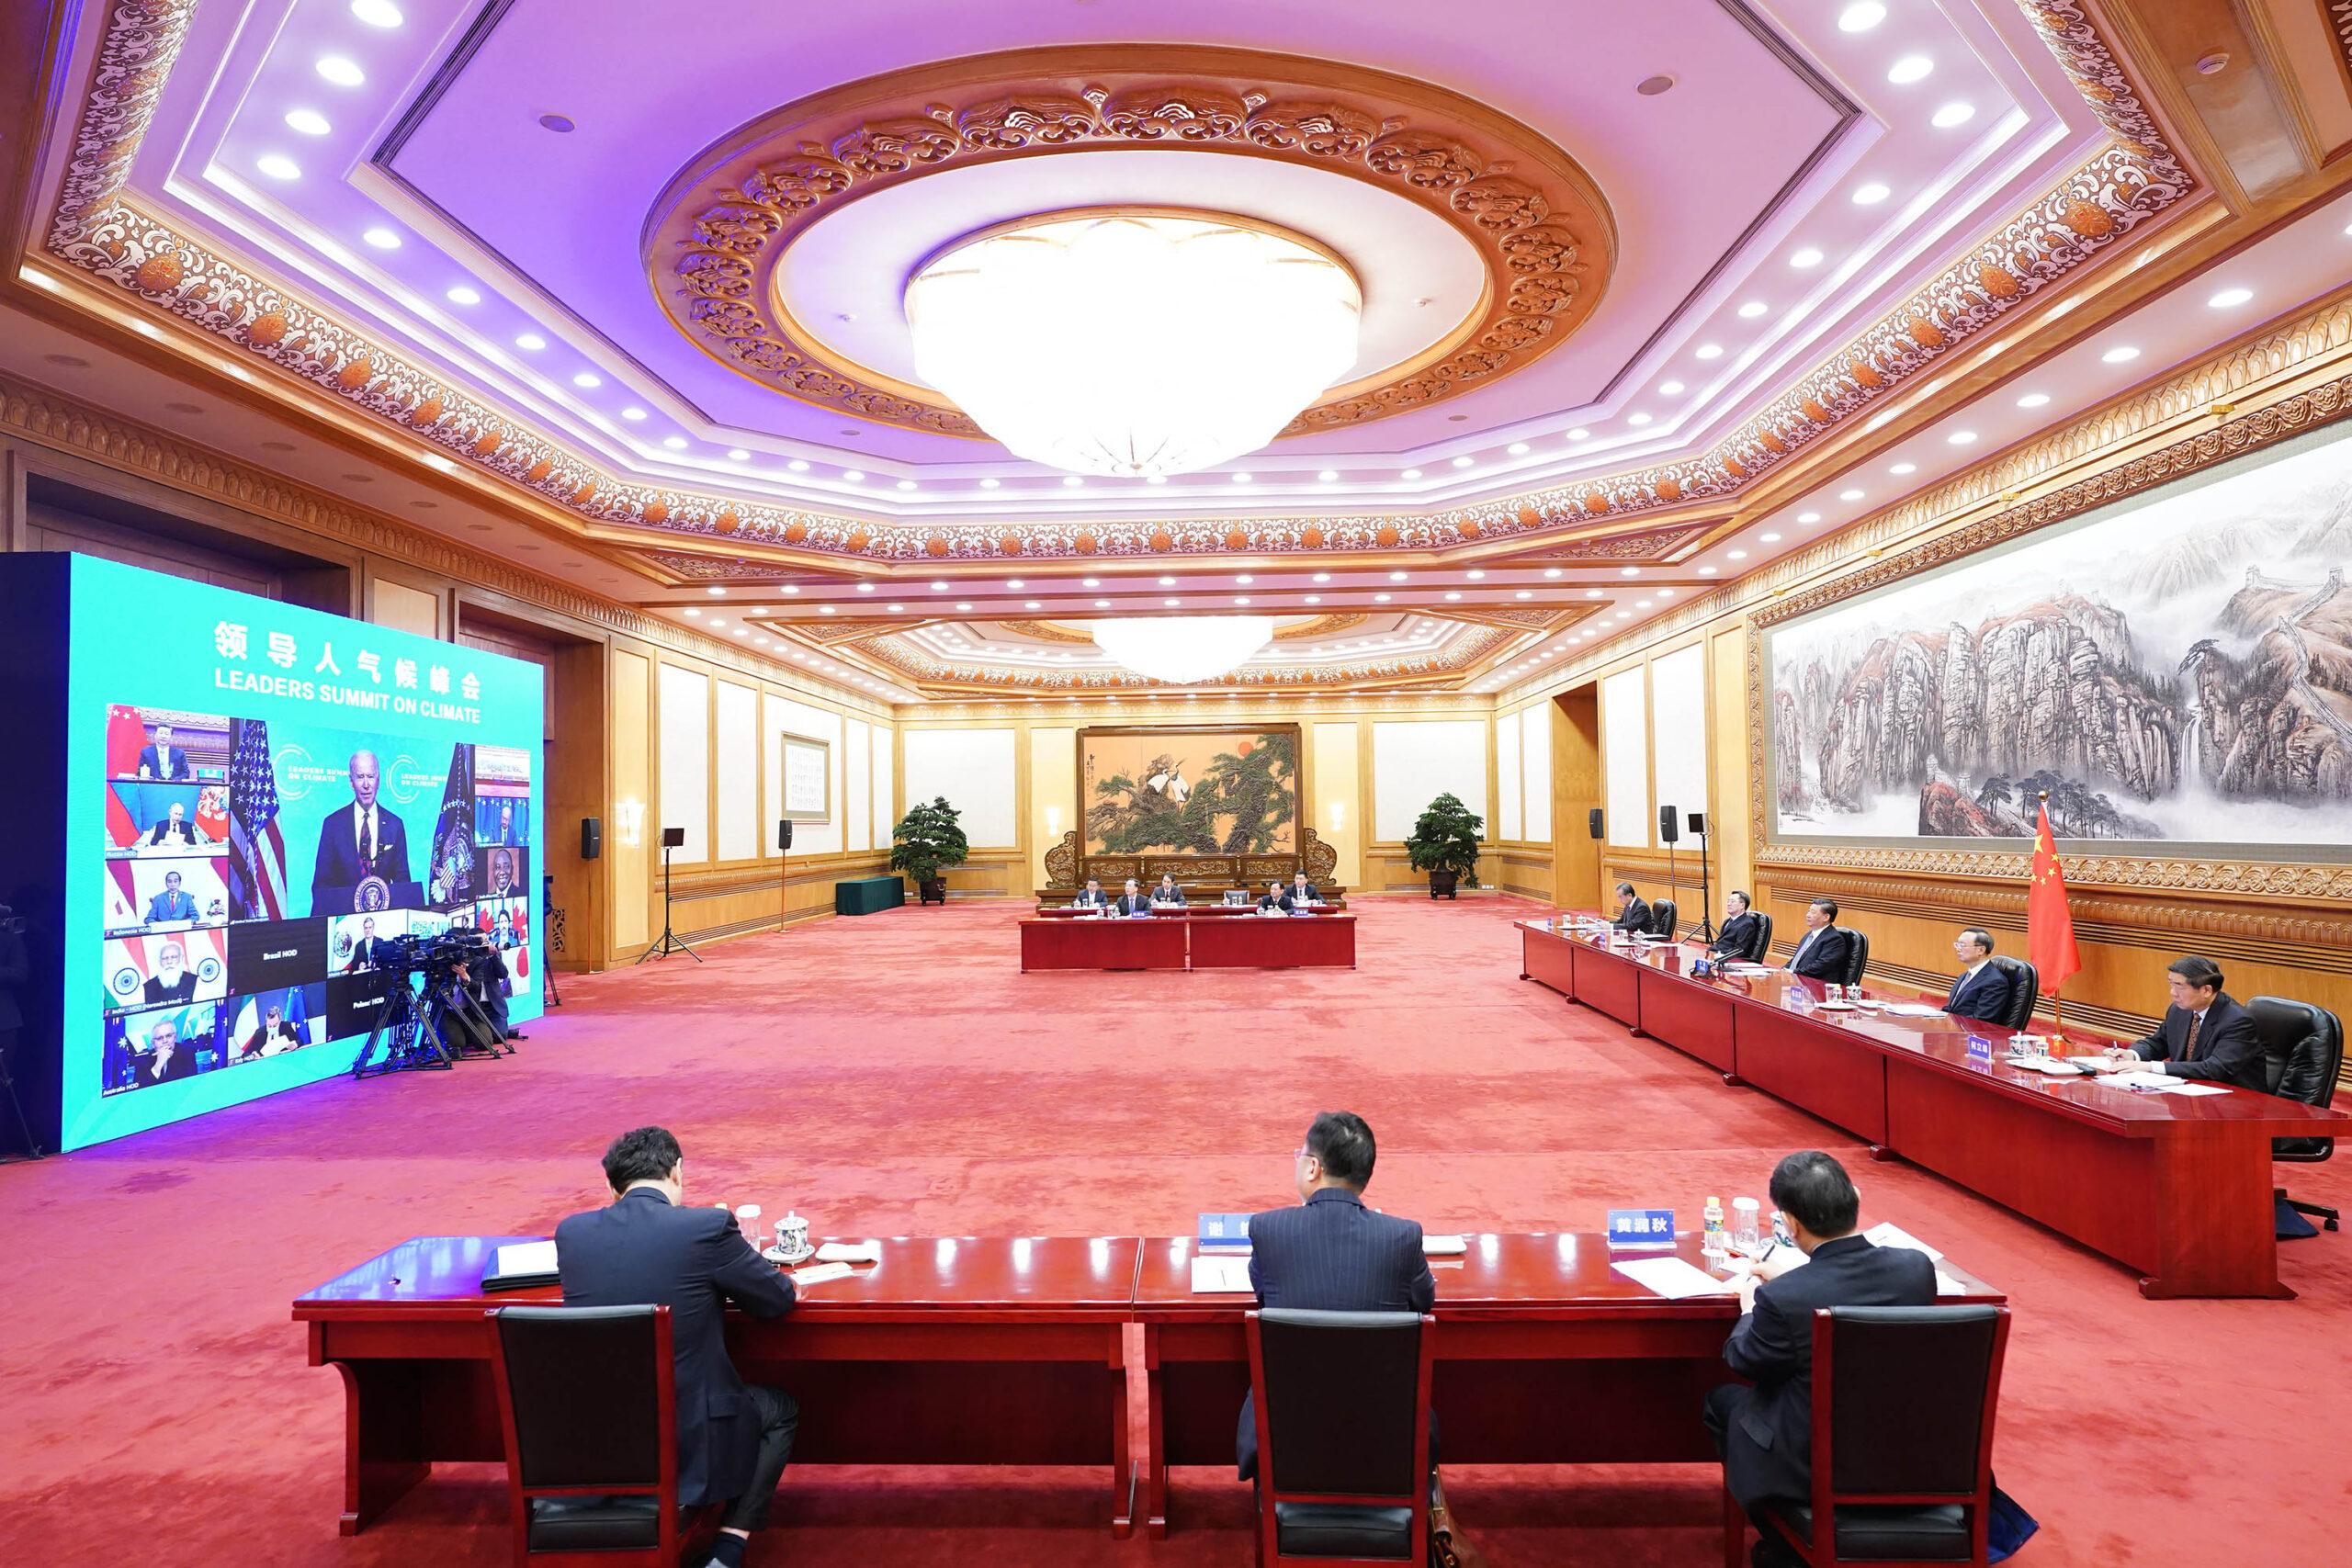 领导人气候峰会线上举行 各国领袖对减排目标作出进一步承诺